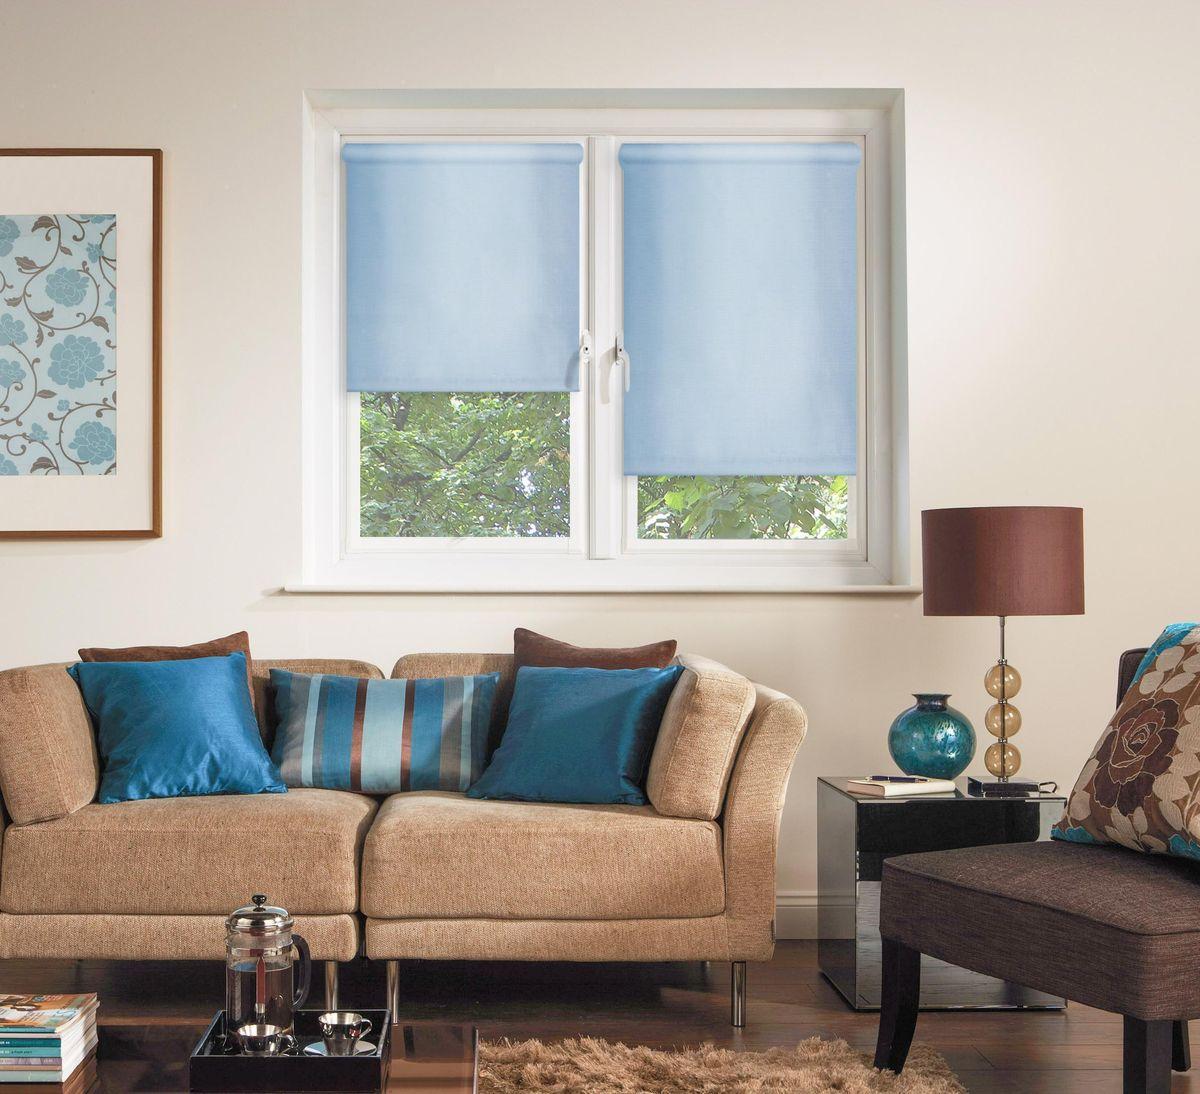 Штора рулонная Эскар, цвет: голубой, ширина 150 см, высота 170 см81005150170Рулонными шторами можно оформлять окна как самостоятельно, так и использовать в комбинации с портьерами. Это поможет предотвратить выгорание дорогой ткани на солнце и соединит функционал рулонных с красотой навесных. Преимущества применения рулонных штор для пластиковых окон: - имеют прекрасный внешний вид: многообразие и фактурность материала изделия отлично смотрятся в любом интерьере; - многофункциональны: есть возможность подобрать шторы способные эффективно защитить комнату от солнца, при этом она не будет слишком темной. - Есть возможность осуществить быстрый монтаж. ВНИМАНИЕ! Размеры ширины изделия указаны по ширине ткани! Во время эксплуатации не рекомендуется полностью разматывать рулон, чтобы не оторвать ткань от намоточного вала. В случае загрязнения поверхности ткани, чистку шторы проводят одним из способов, в зависимости от типа загрязнения: легкое поверхностное загрязнение можно удалить при помощи канцелярского ластика; чистка от пыли производится сухим методом при...